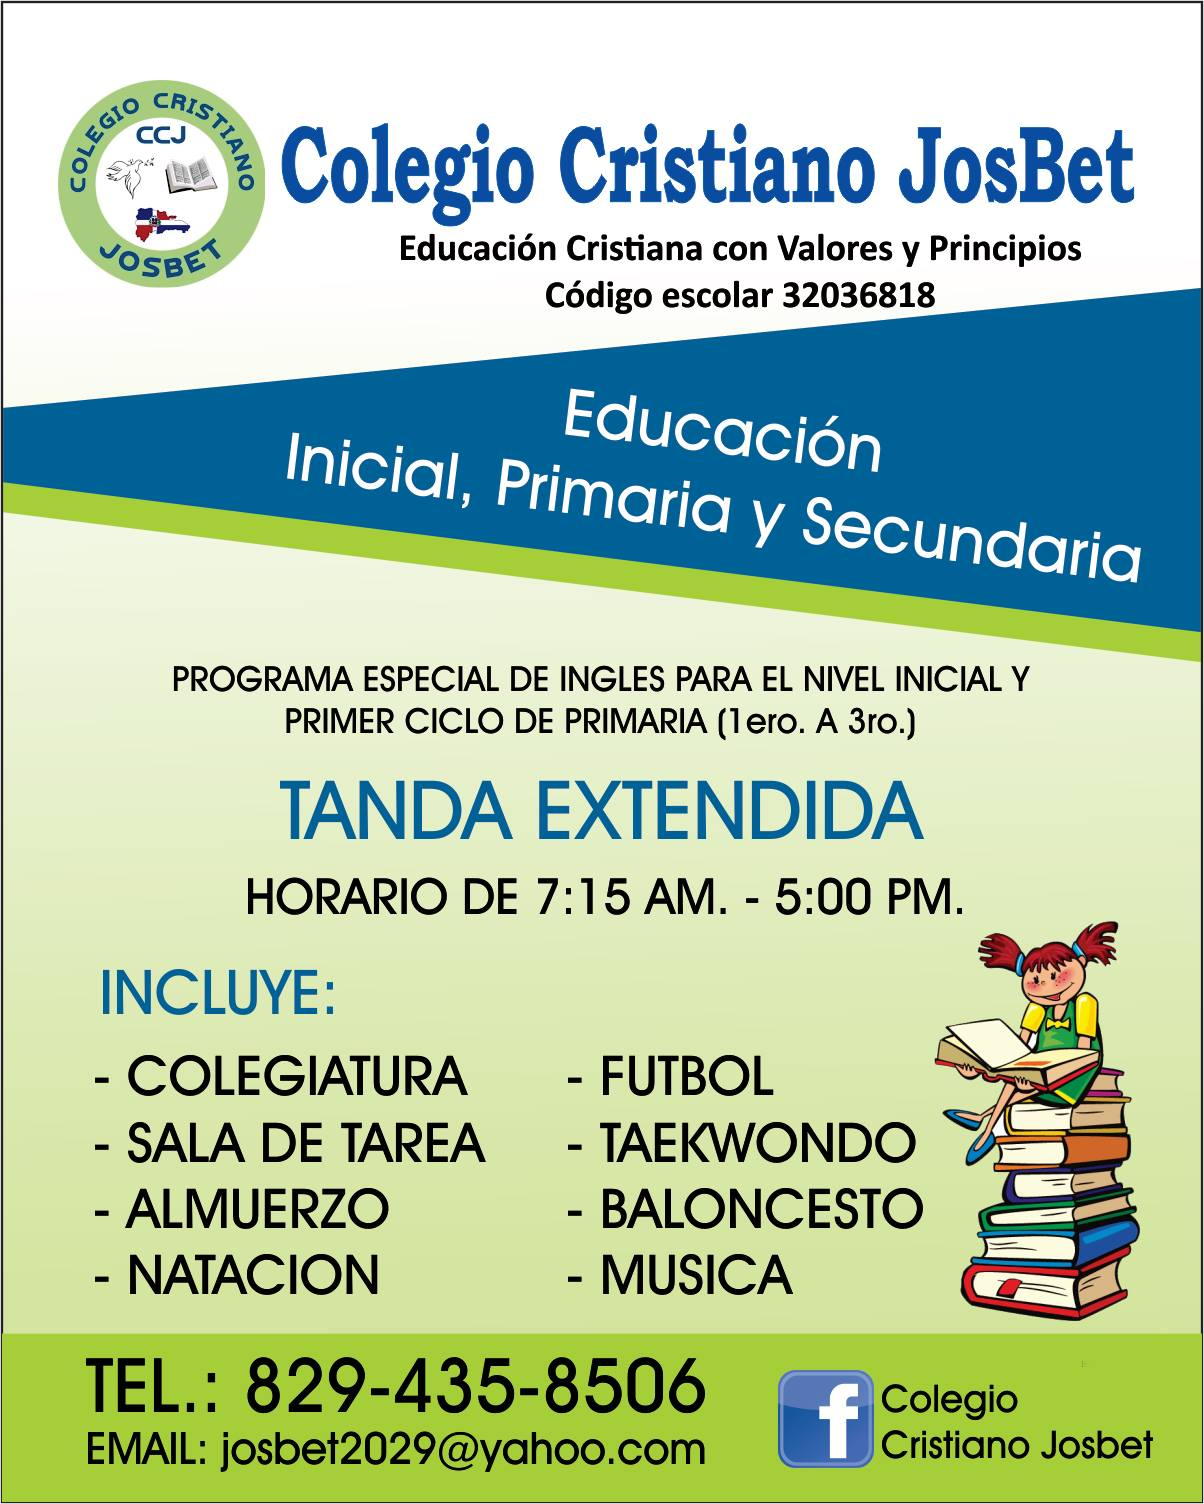 Colegio Cristiano Josbet